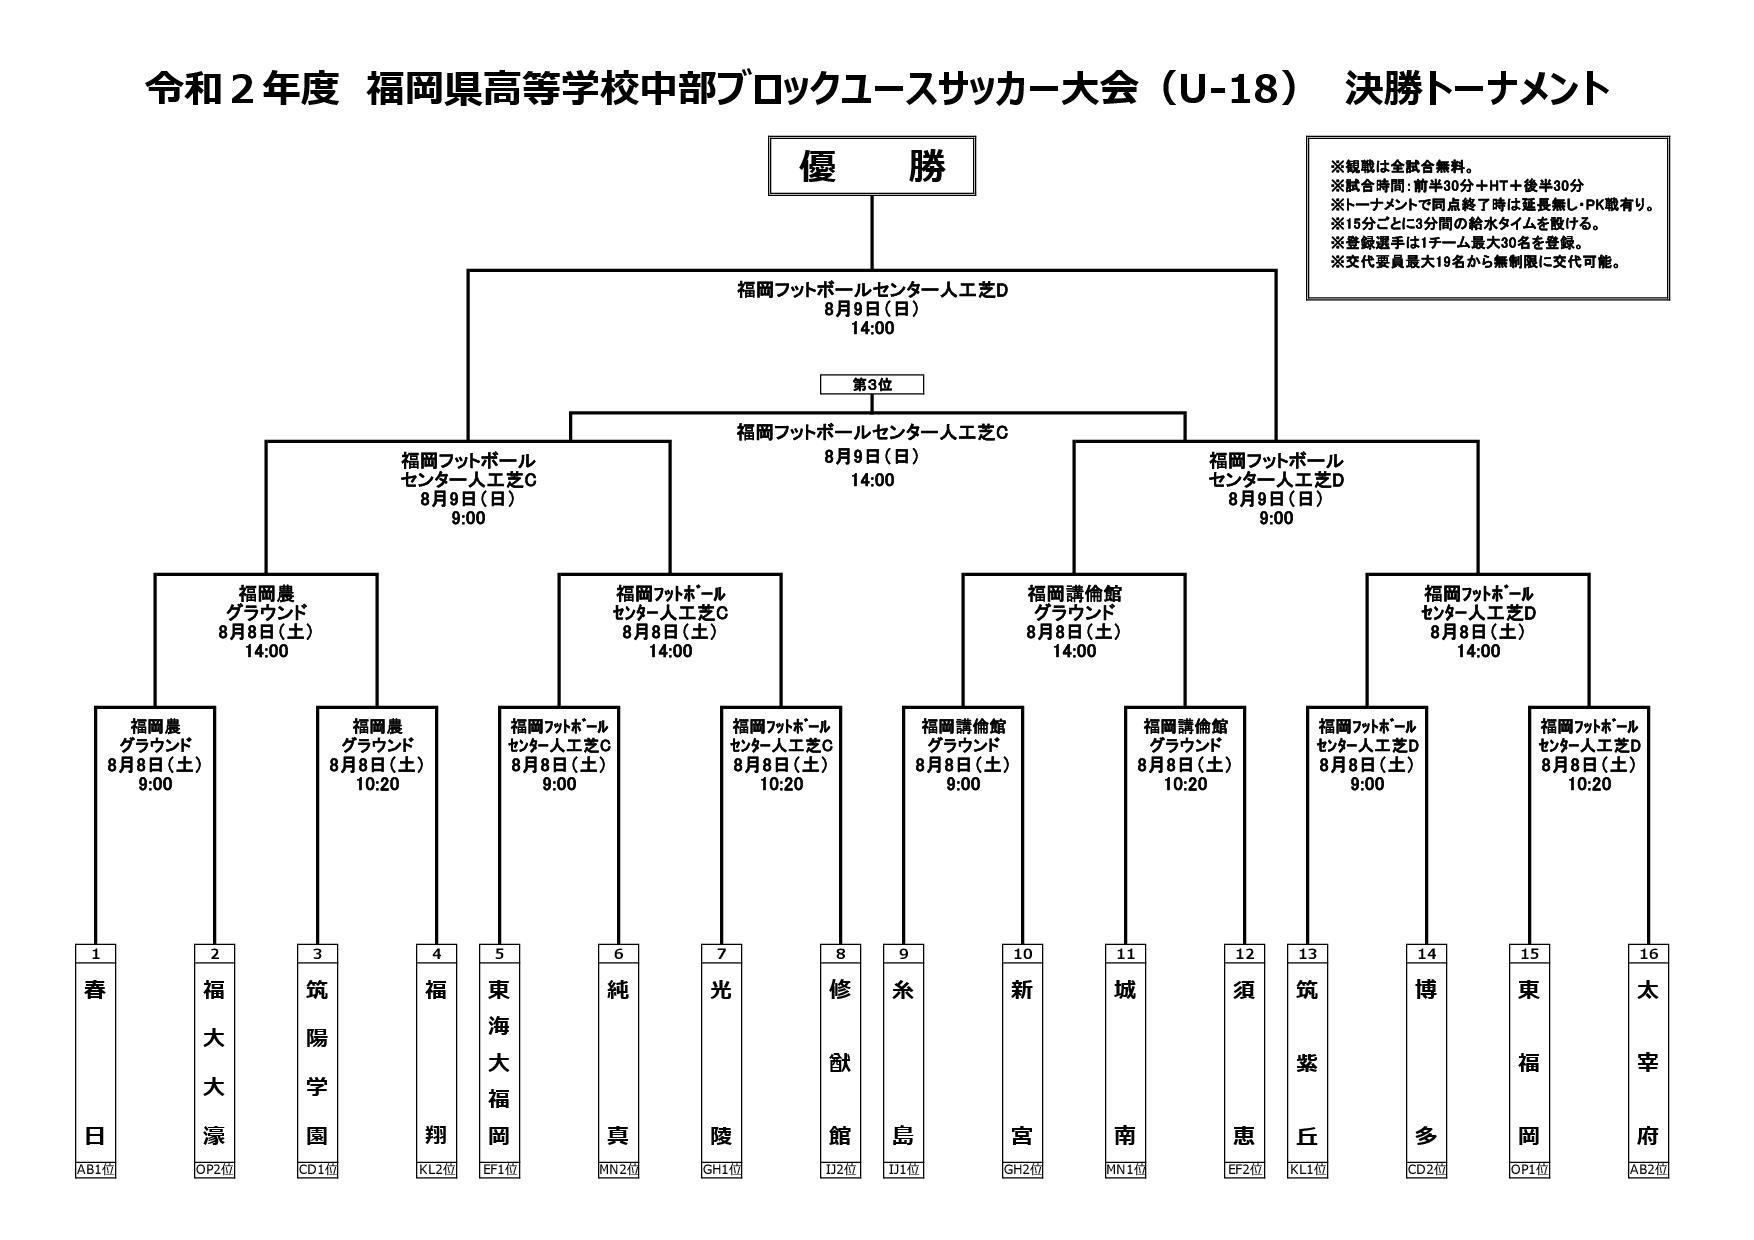 令和2年度福岡県高等学校中部ブロックユースサッカー大会U-18